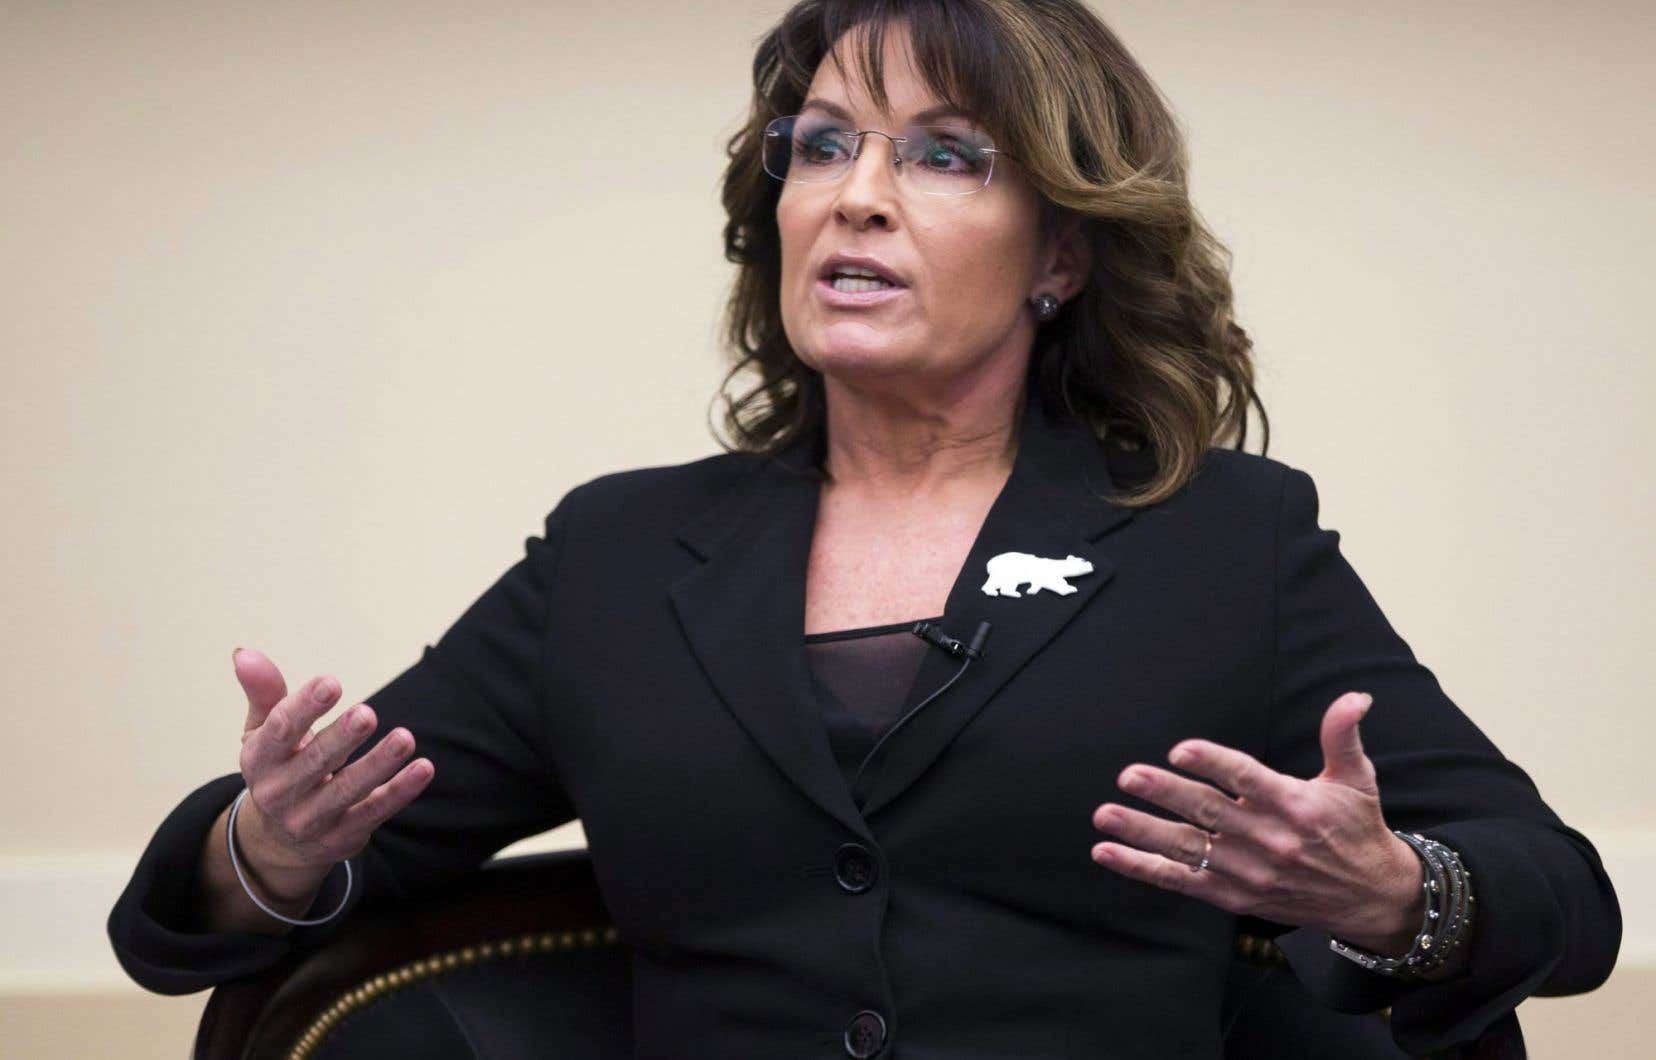 Le juge a conclu à l'absence de malveillance intentionnelle du «New York Times» à l'égard de Sarah Palin.